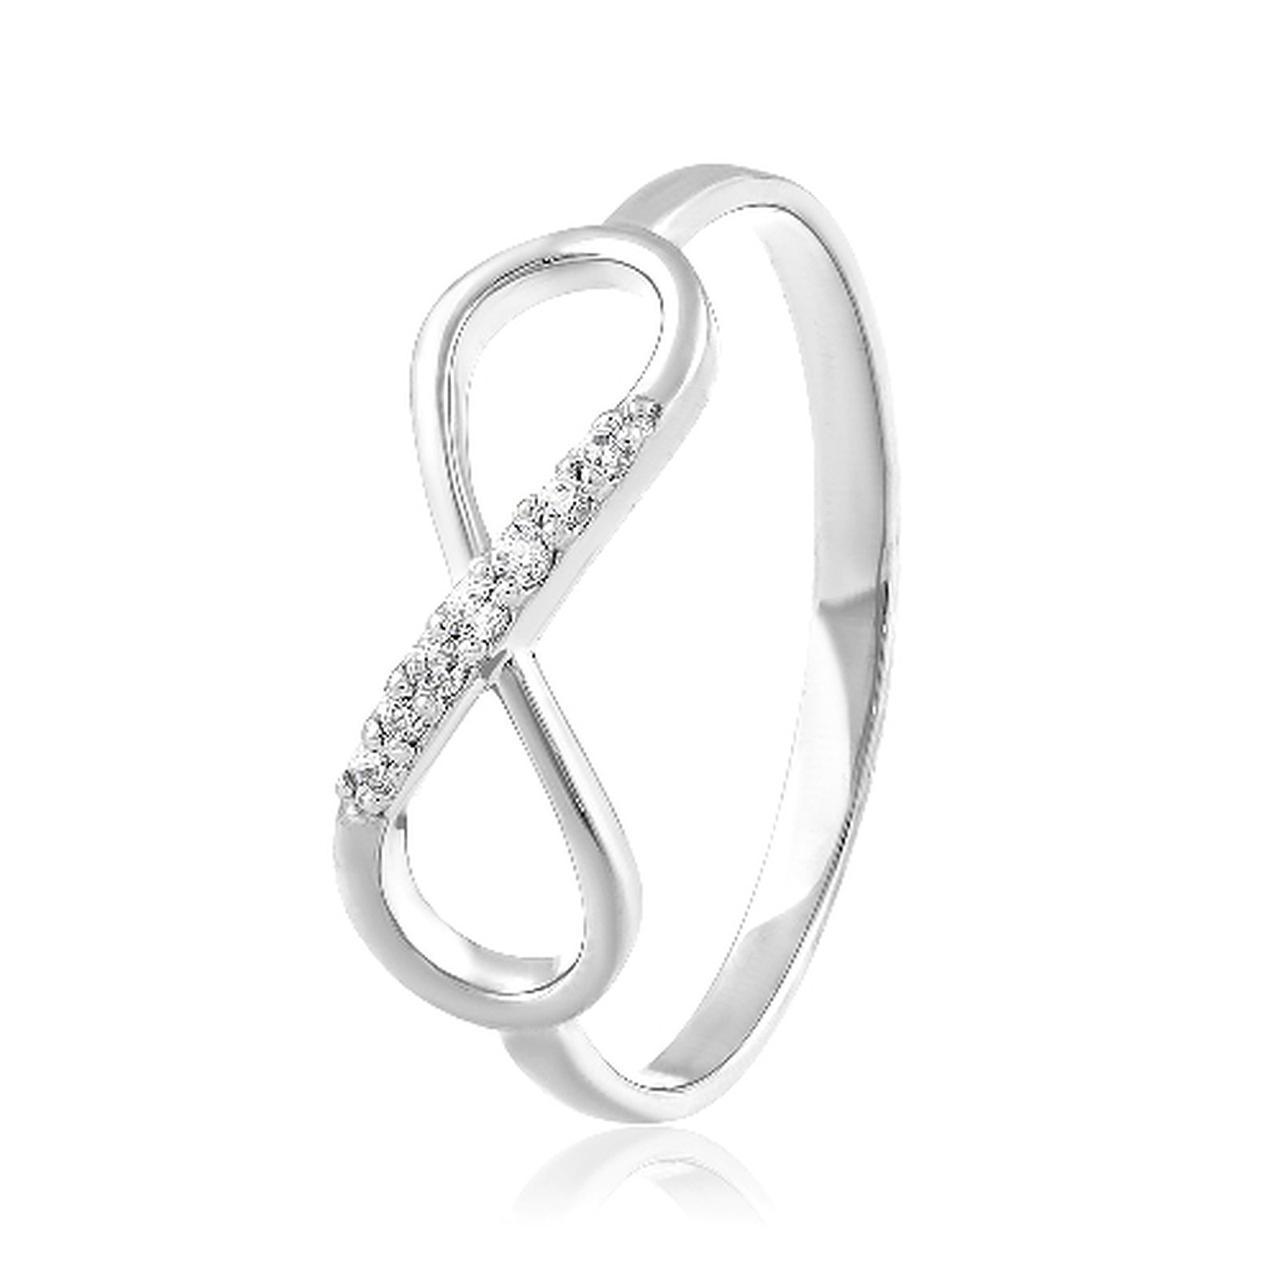 Золотое кольцо с куб. циркониями, размер 15 (308907)